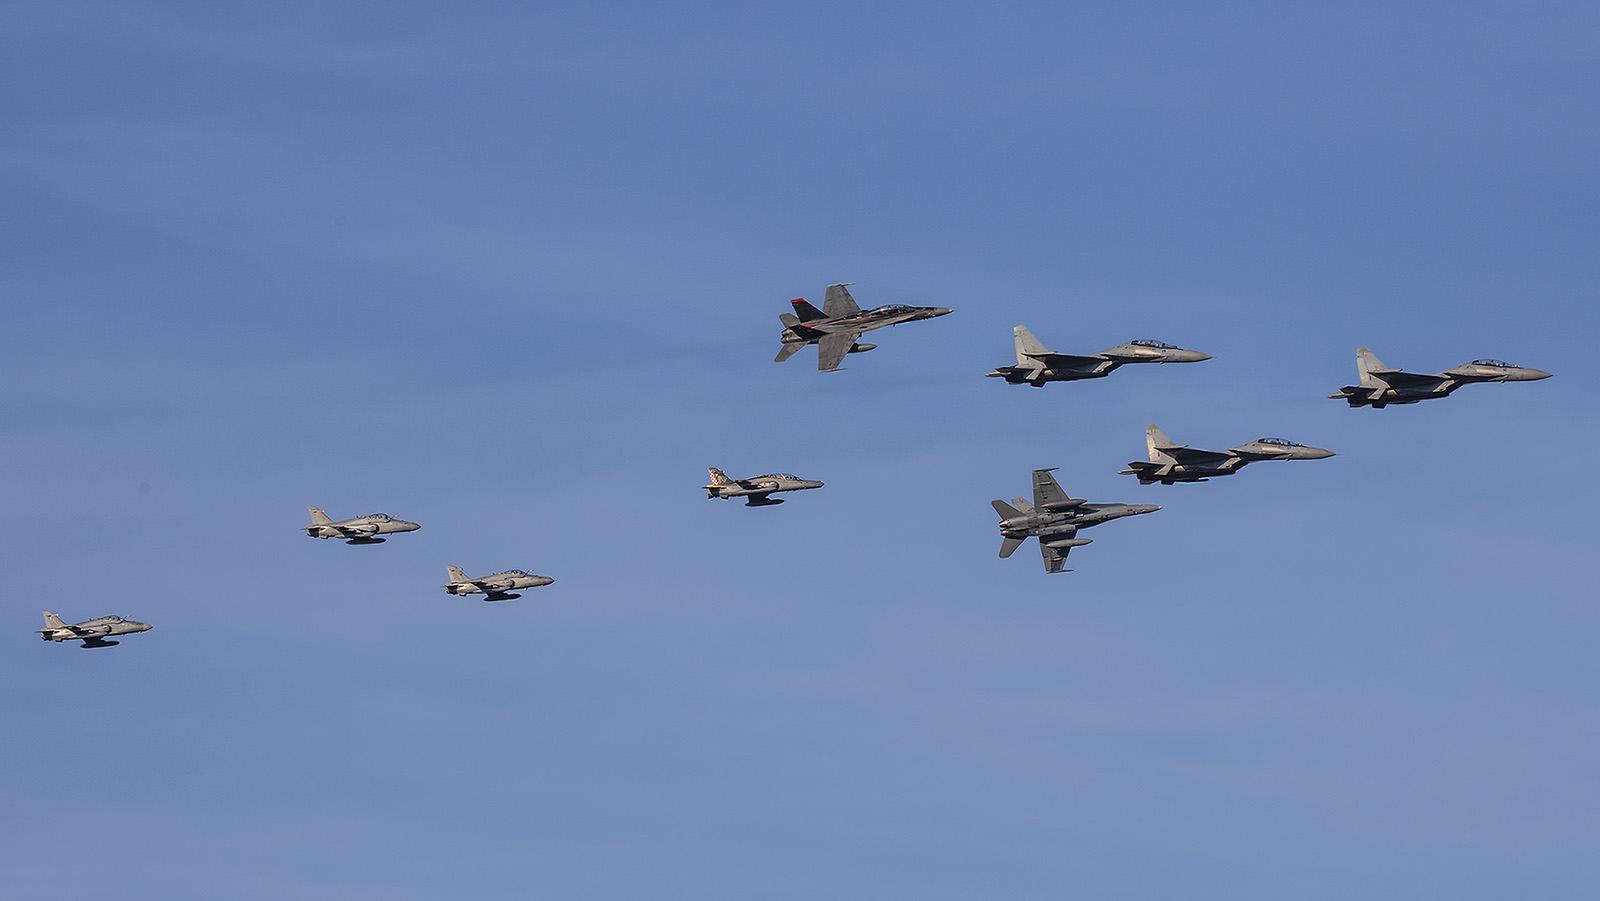 Sowie hier, als sich alle drei Combat Aircrafts der TUDM in einer Formation präsentieren.